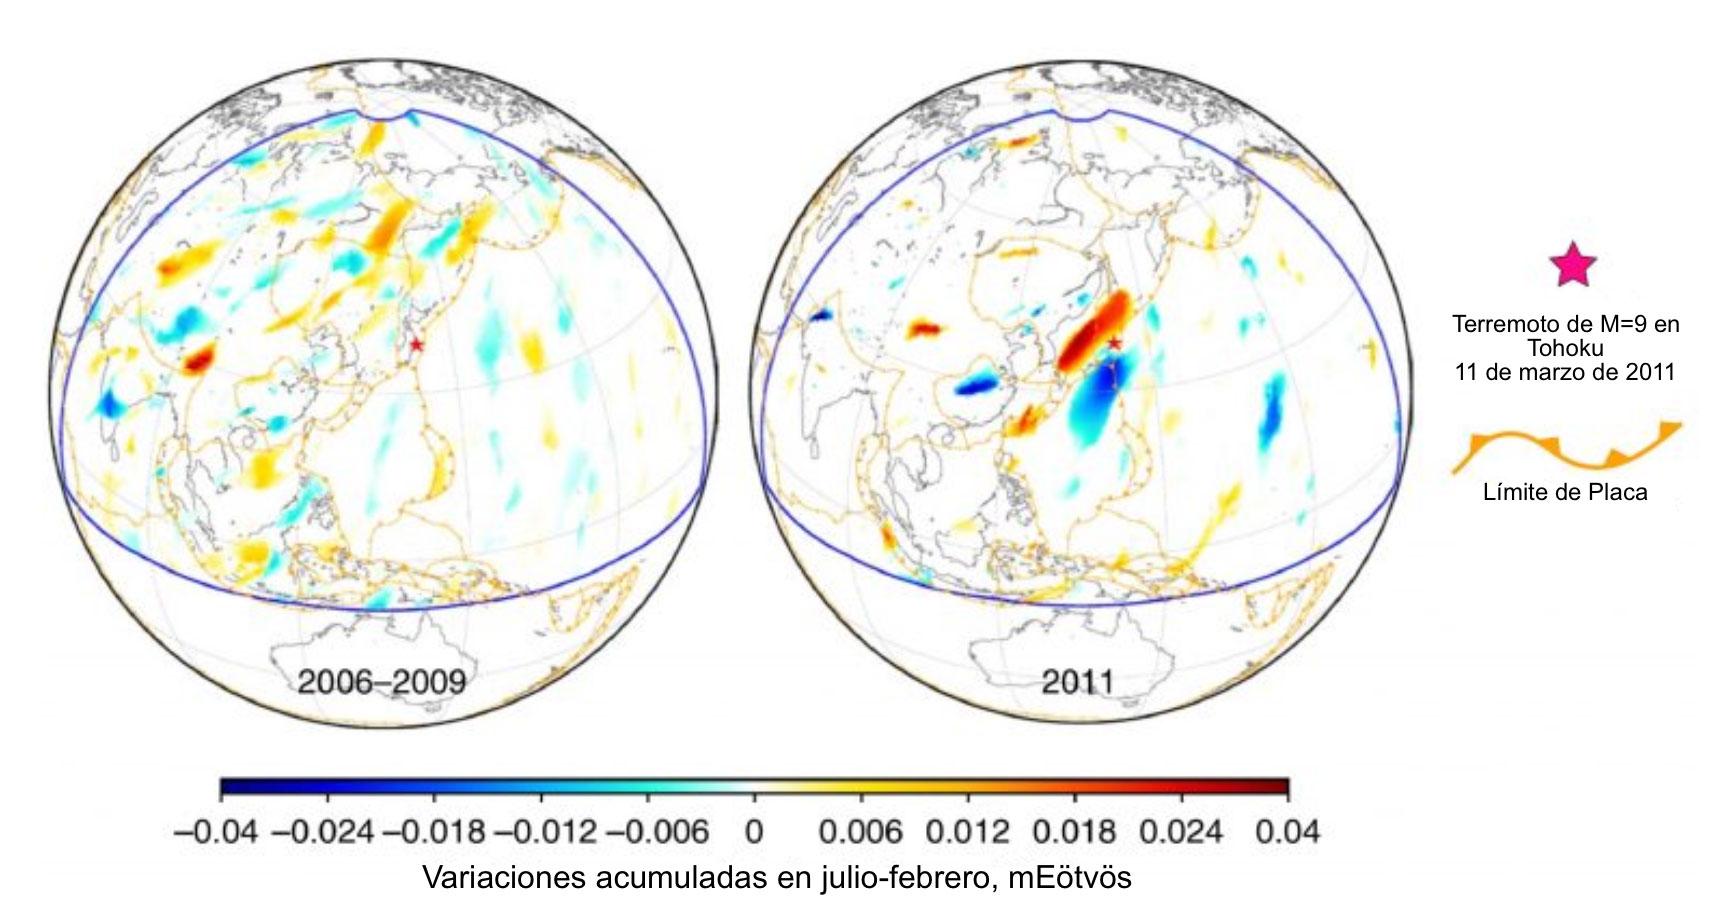 El planeta izquierdo en esta figura muestra las anomalías acumuladas en julio-febrero apiladas a lo largo de 2006-2009. El planeta derecho muestra un área aumentada del primer panel en la primera figura, la cual es el tiempo justo antes del terremoto de M=9.0 en Tohoku (Figura de Panet et al., 2018).